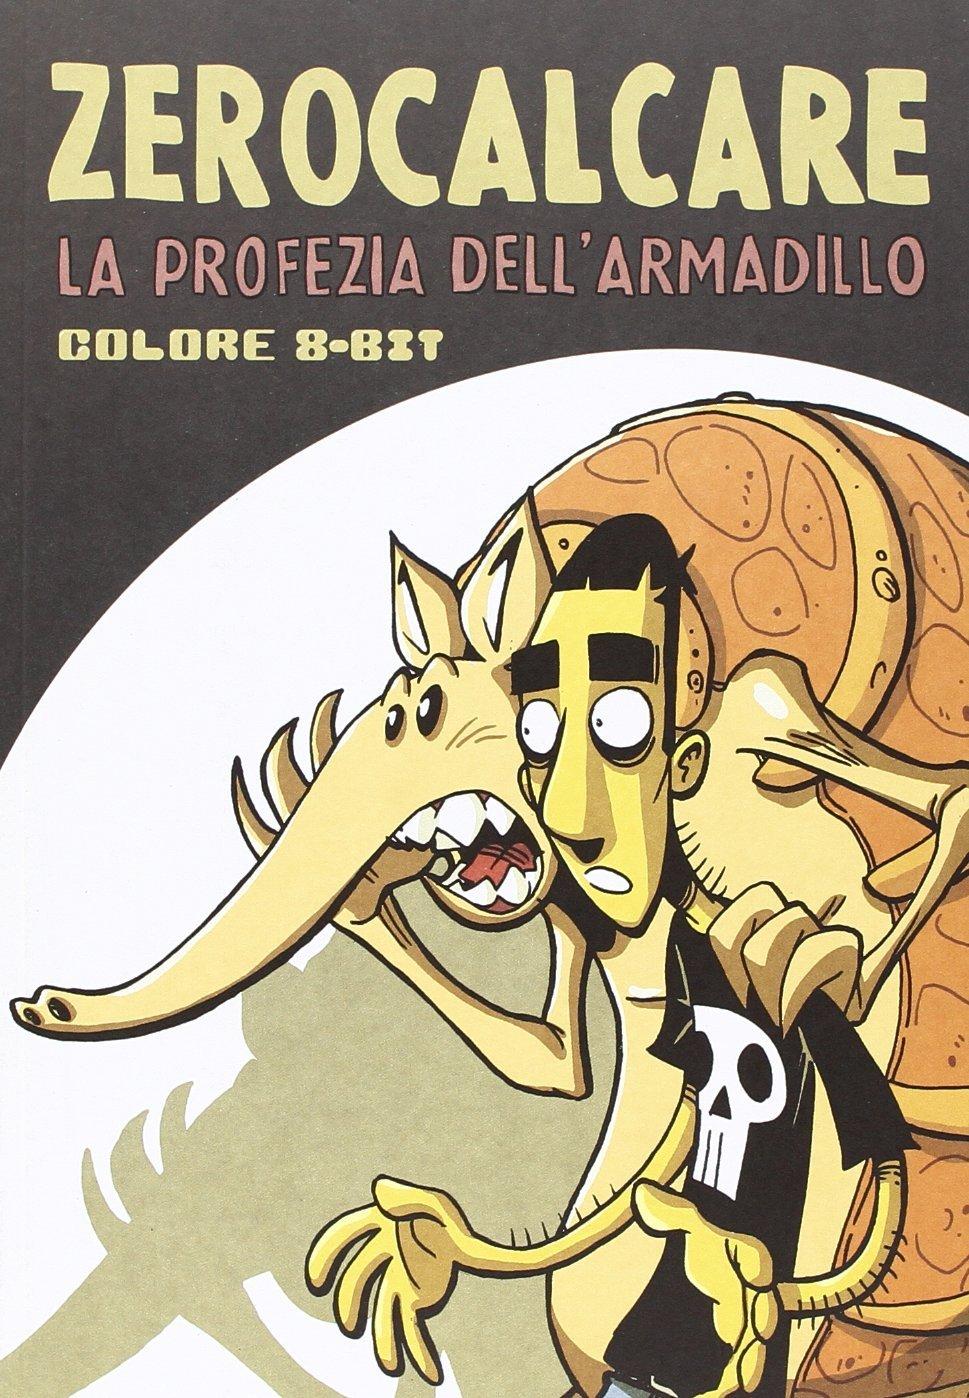 """STORIE DISEGNATE di Pasquale Carnevale – """"La profezia dell'armadillo"""" di Zerocalcare"""